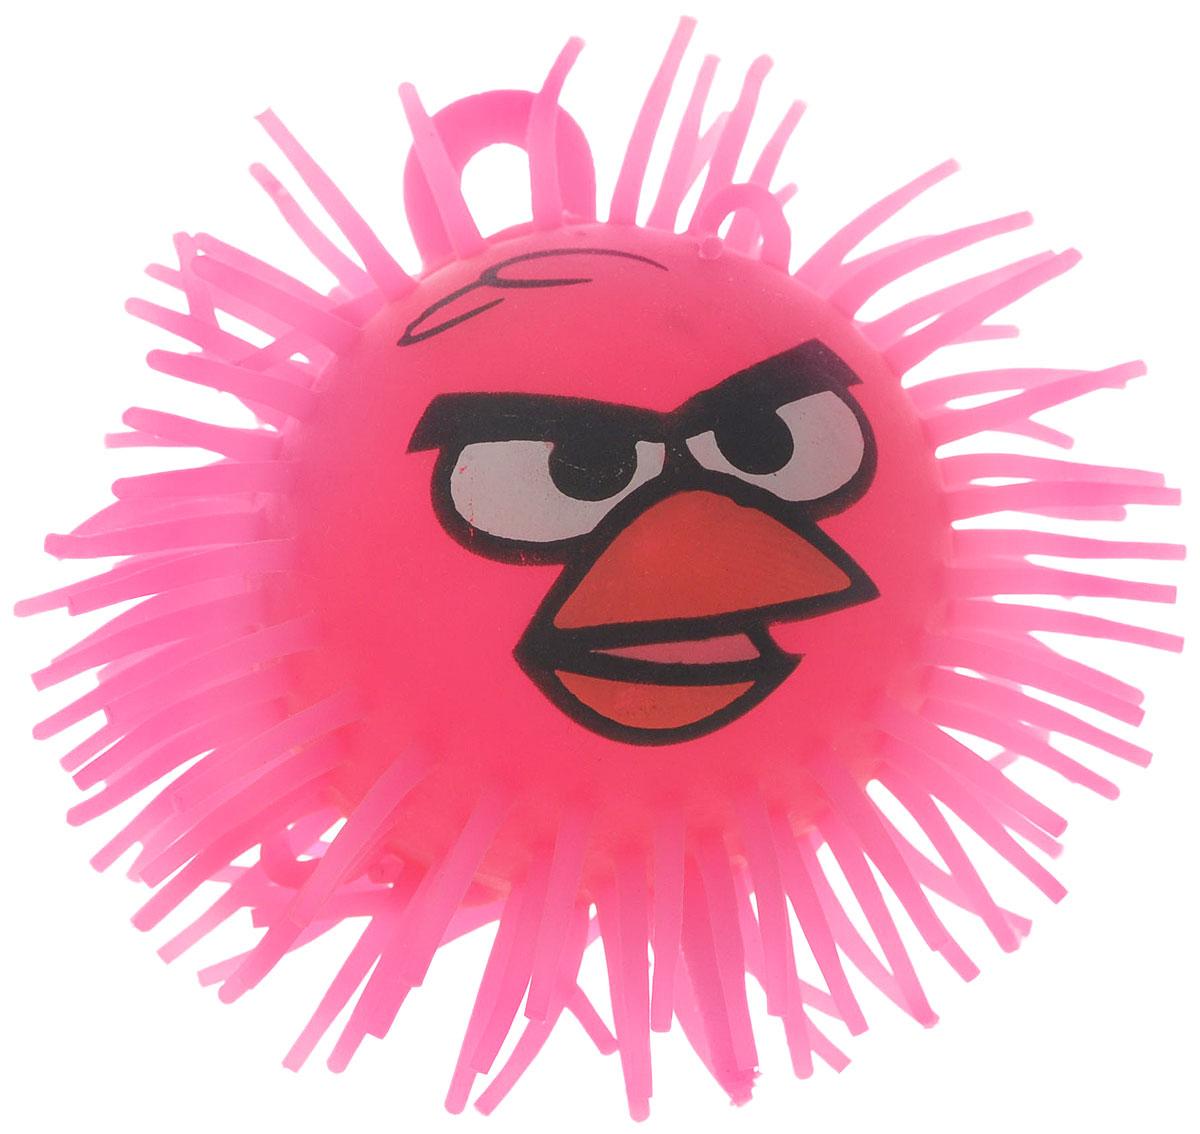 1TOY Игрушка-антистресс Ё-Ёжик Злая птичка цвет розовый диаметр 9 смТ61_розовый_диаметр 2Игрушка 1TOY Ё-Ёжик - это яркая игрушка-антистресс - мягкая, приятная на ощупь и напоминающая свернувшегося ёжика. Взяв игрушку в руки, расстаться с ней просто невозможно! Если перекинуть игрушку из руки в руку, она начнёт мигать цветными огоньками. Игрушка ярко-розового цвета с лицом птички из мультфильма Angry Birds и длинными мягкими колючками. Данная игрушка рассчитана на широкую целевую аудиторию, как детей от трёх лет, так и взрослых. Игрушка работает от незаменяемых батареек.